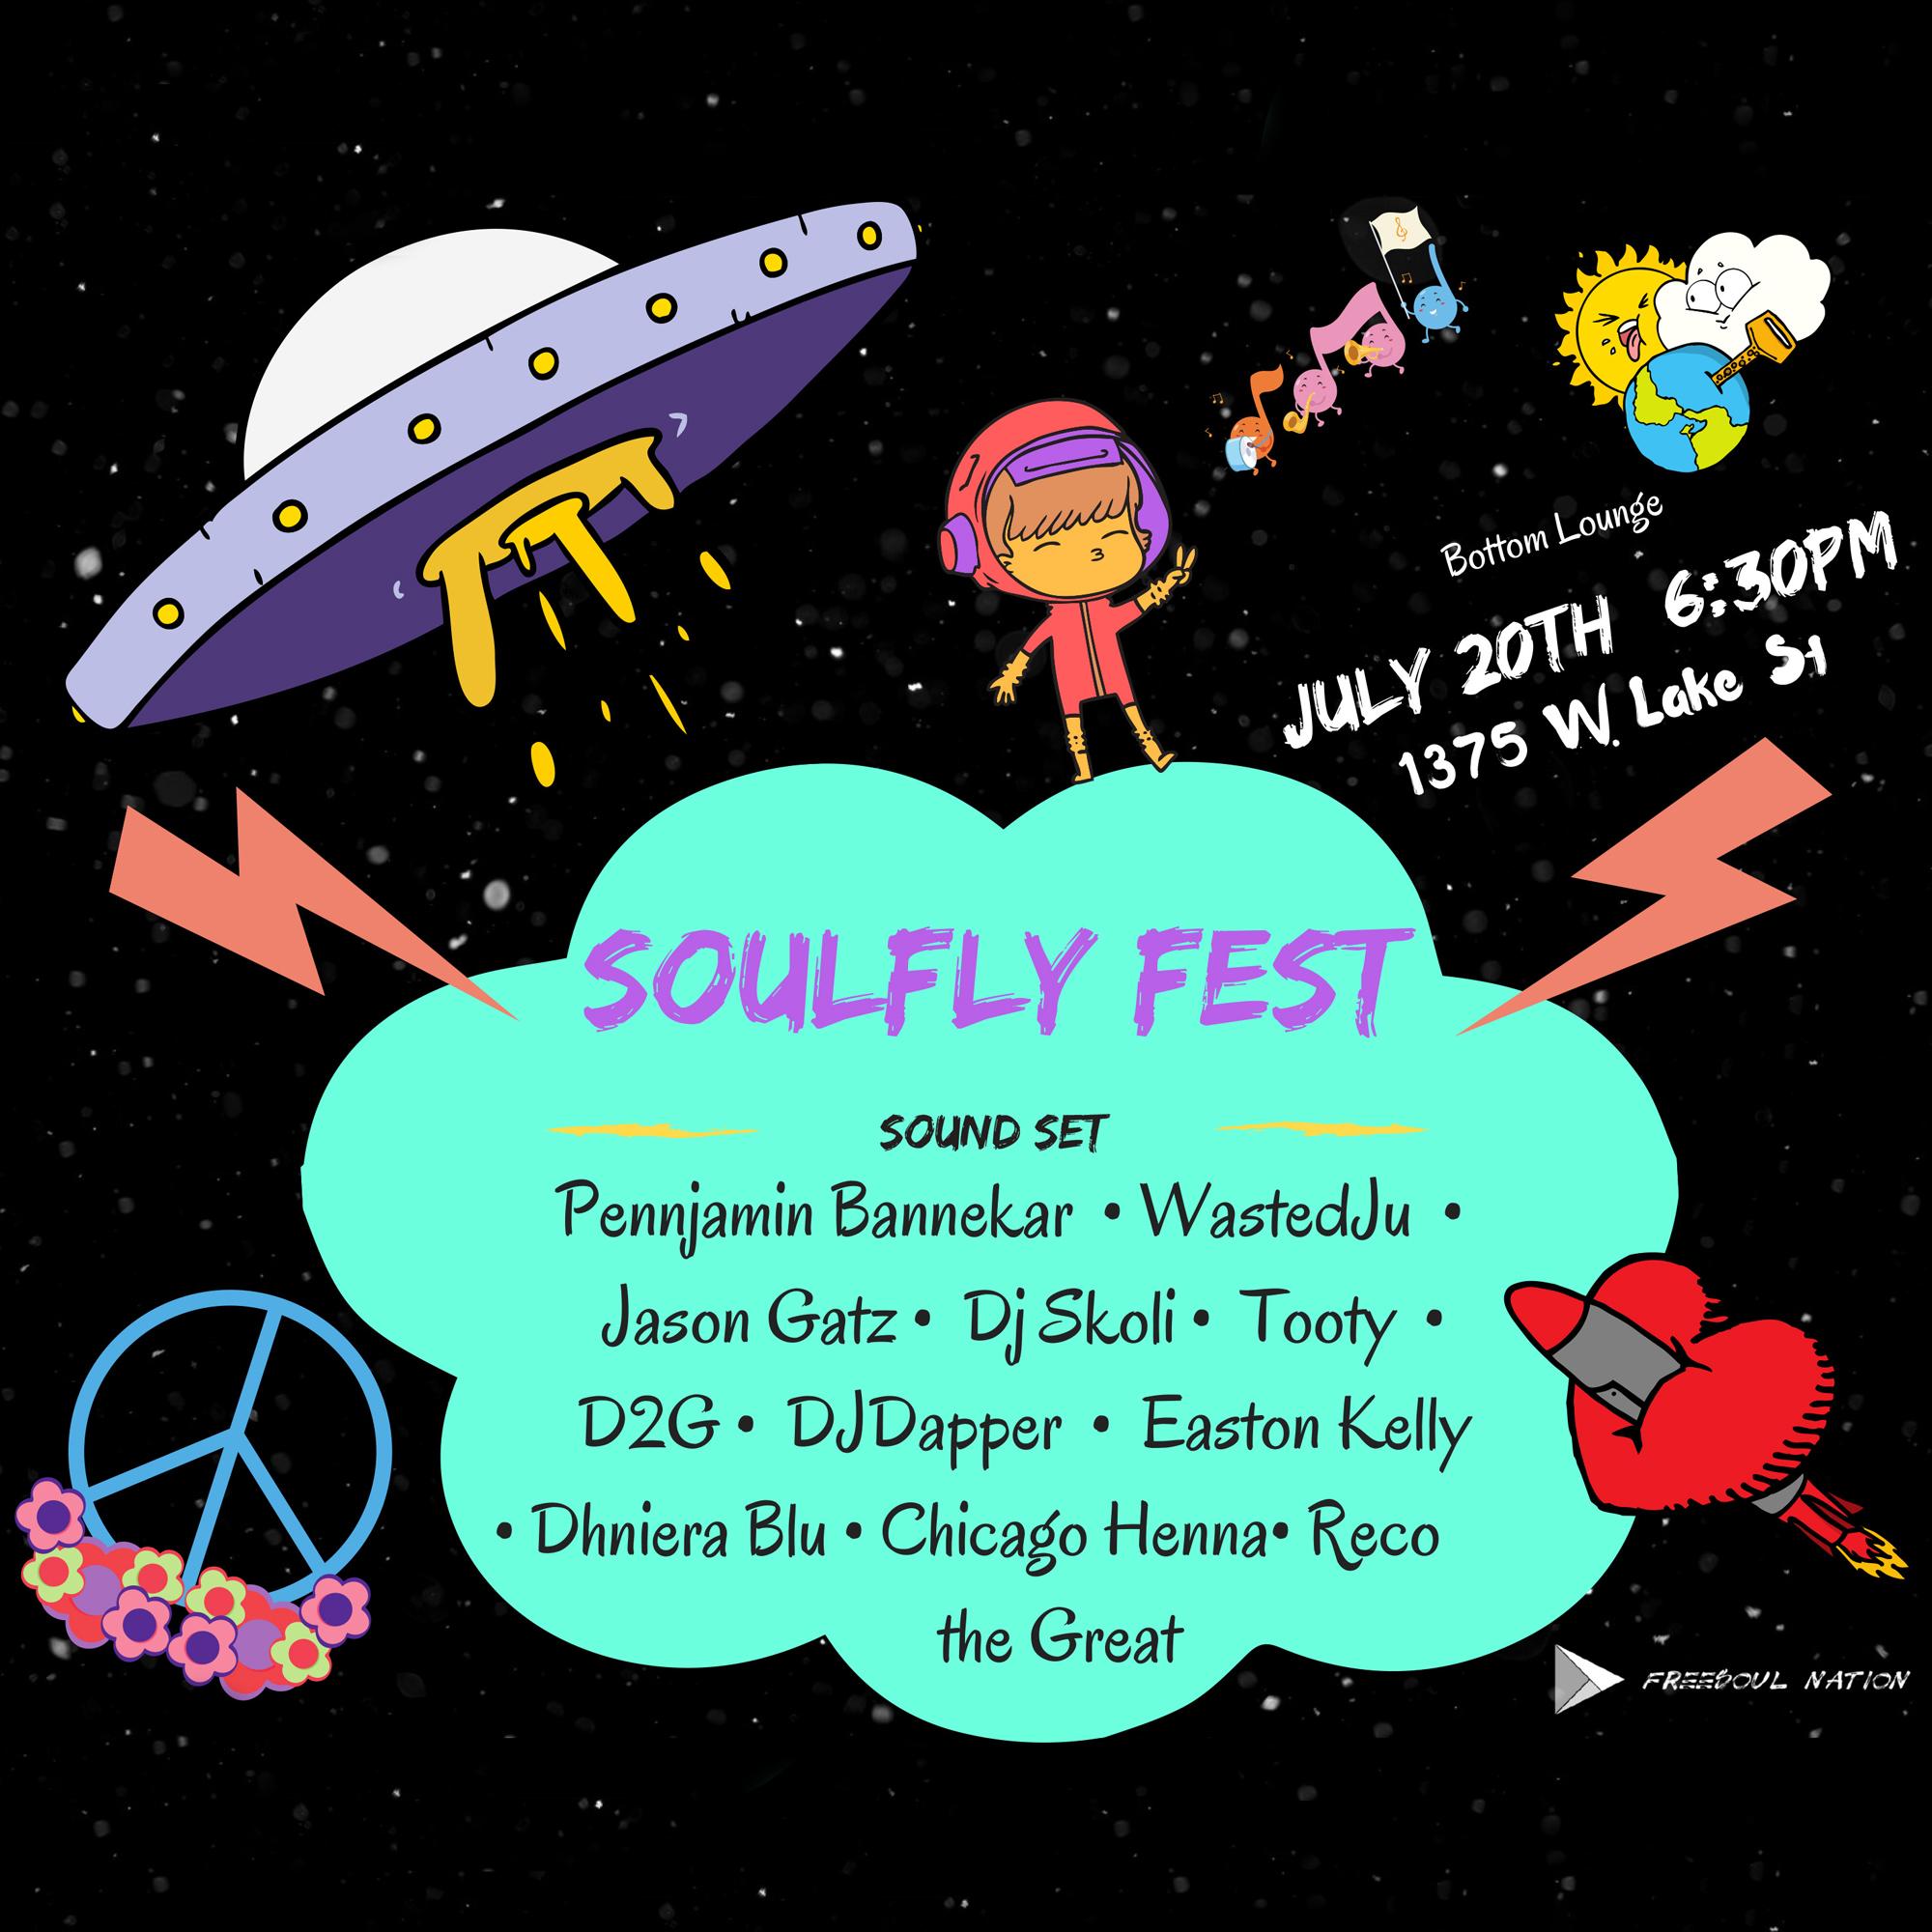 Soulfly Fest: A Sound Set